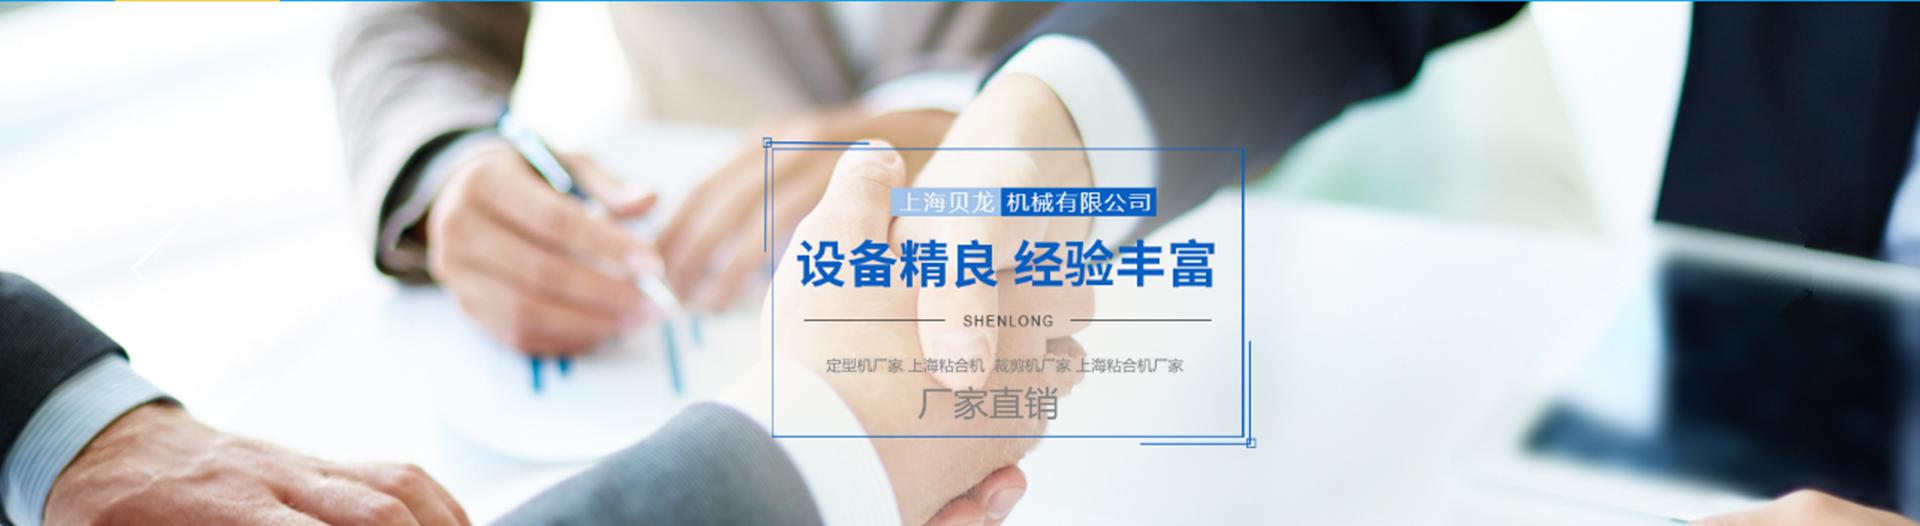 上海粘合机厂家